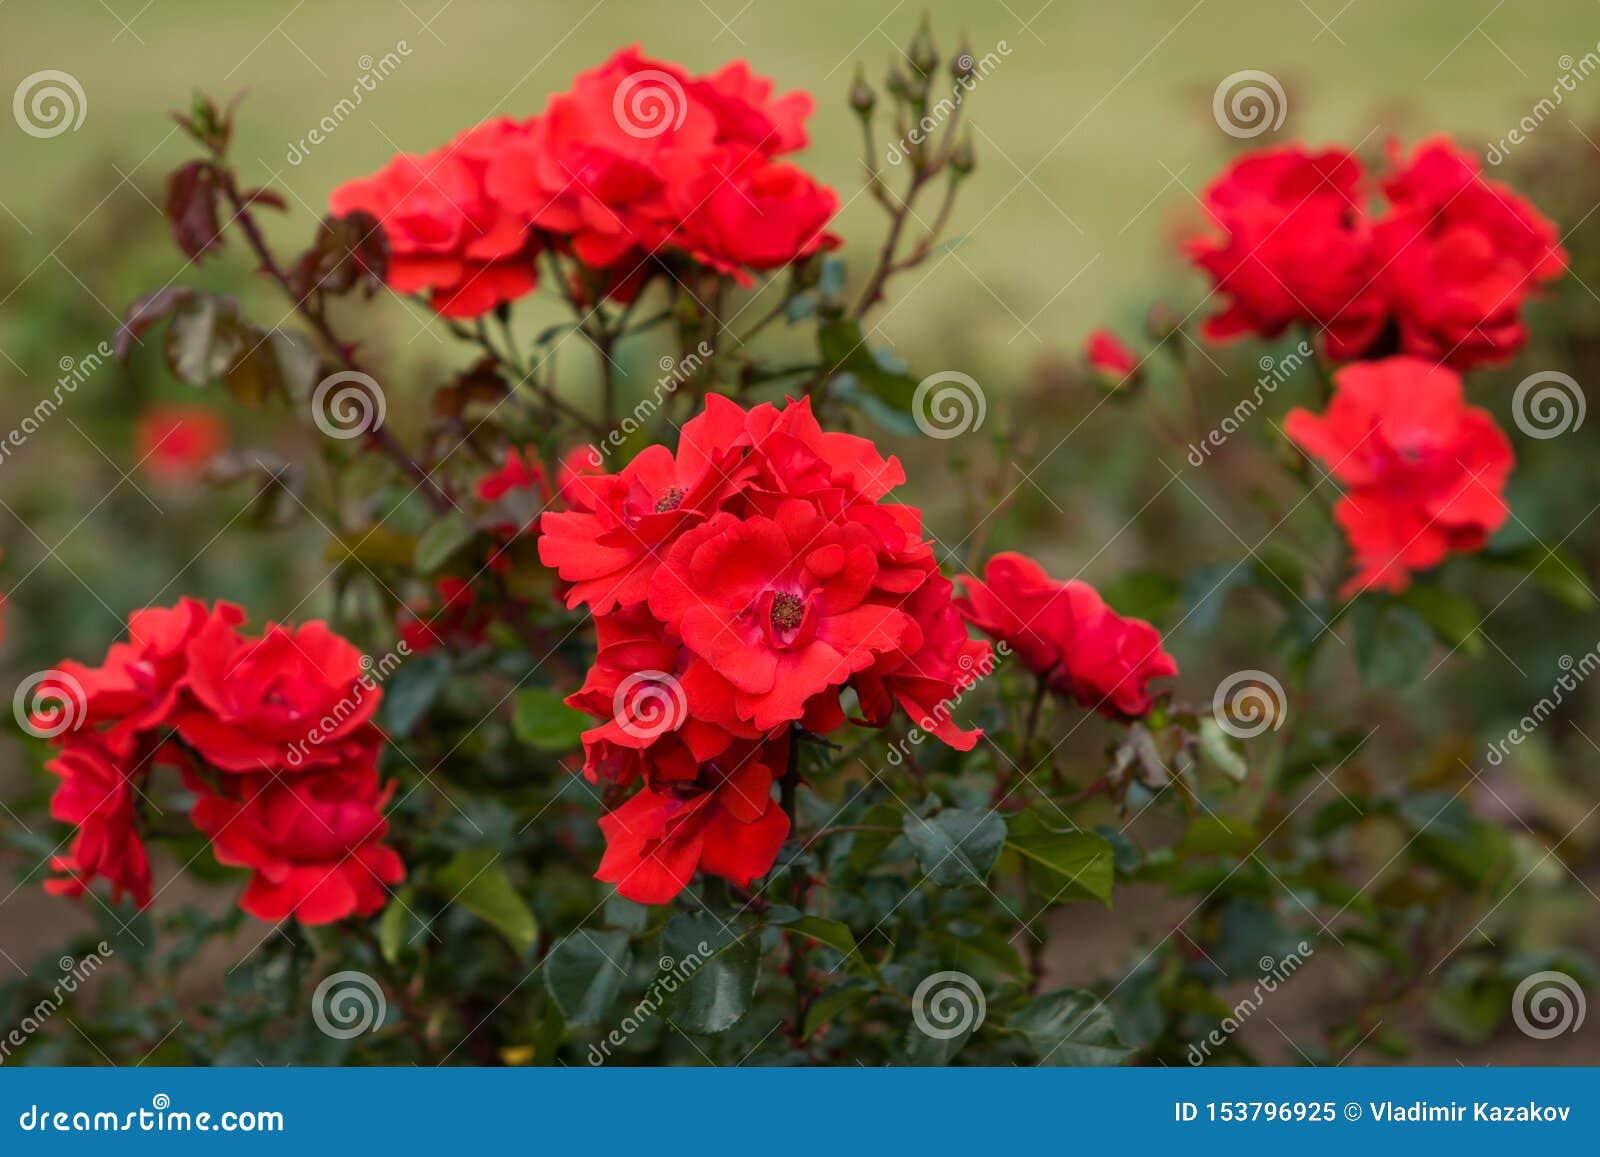 Um arbusto com as rosas vermelhas das flores e um arbusto verde